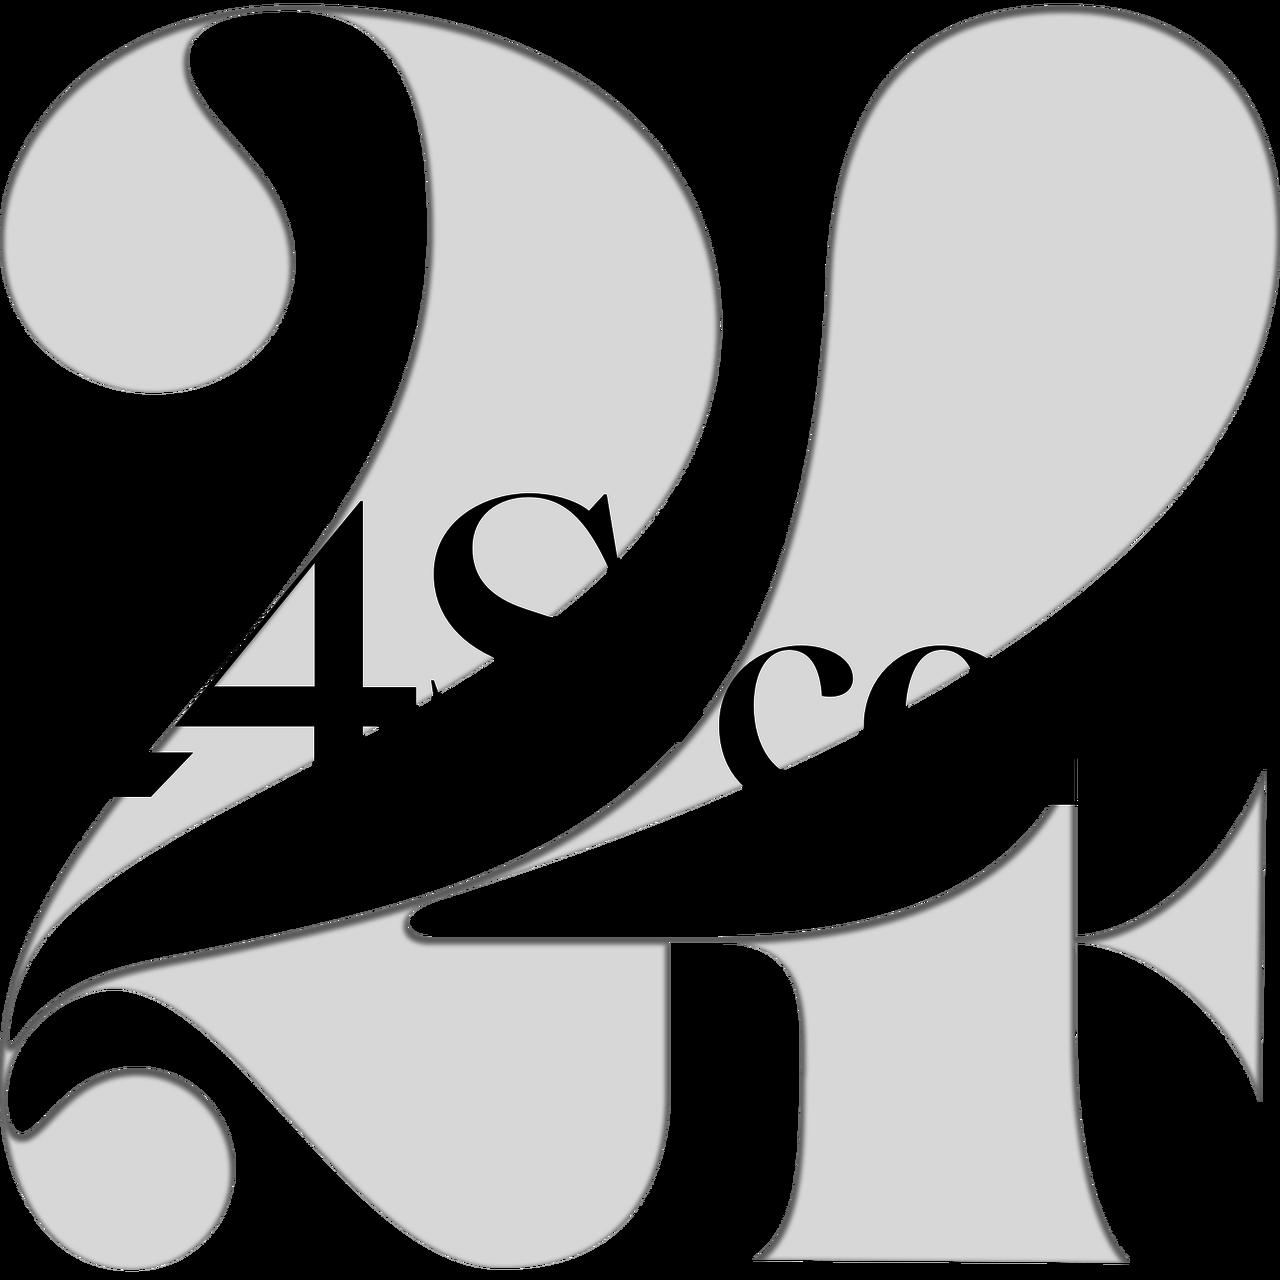 24S 中文站:618大促 精选各大品牌